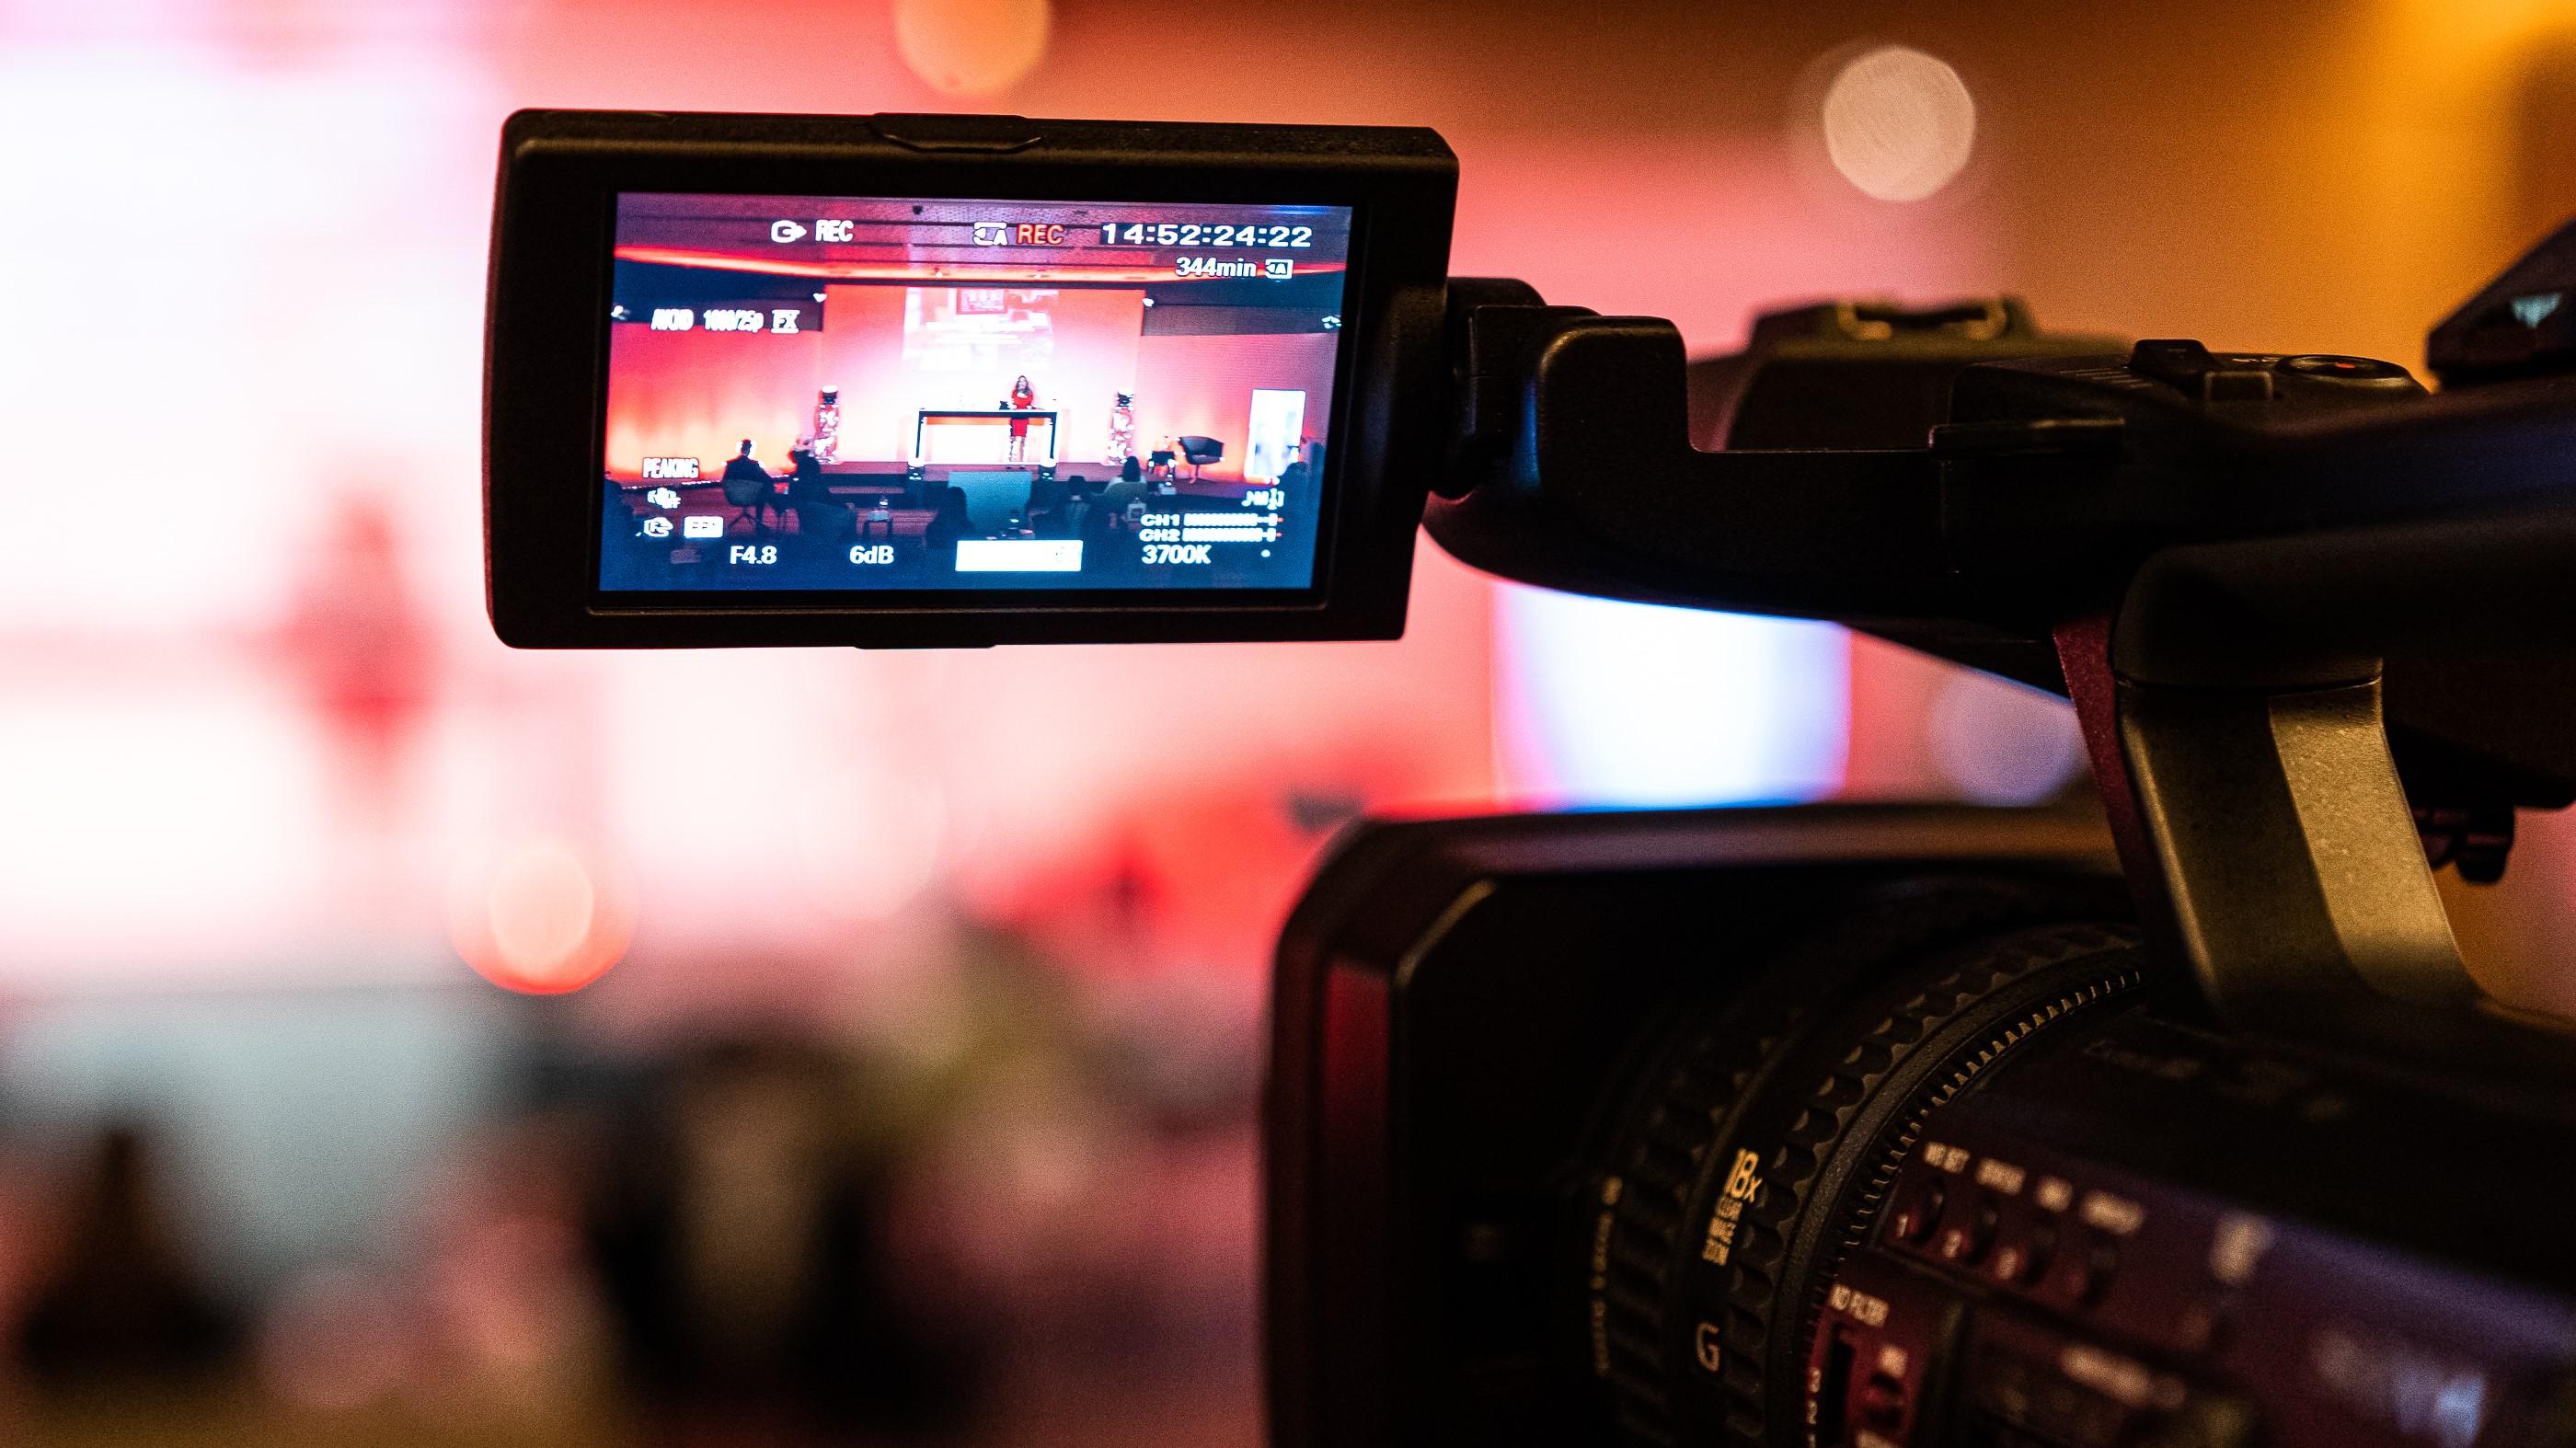 Kamera-filmt-eine-Veranstaltung